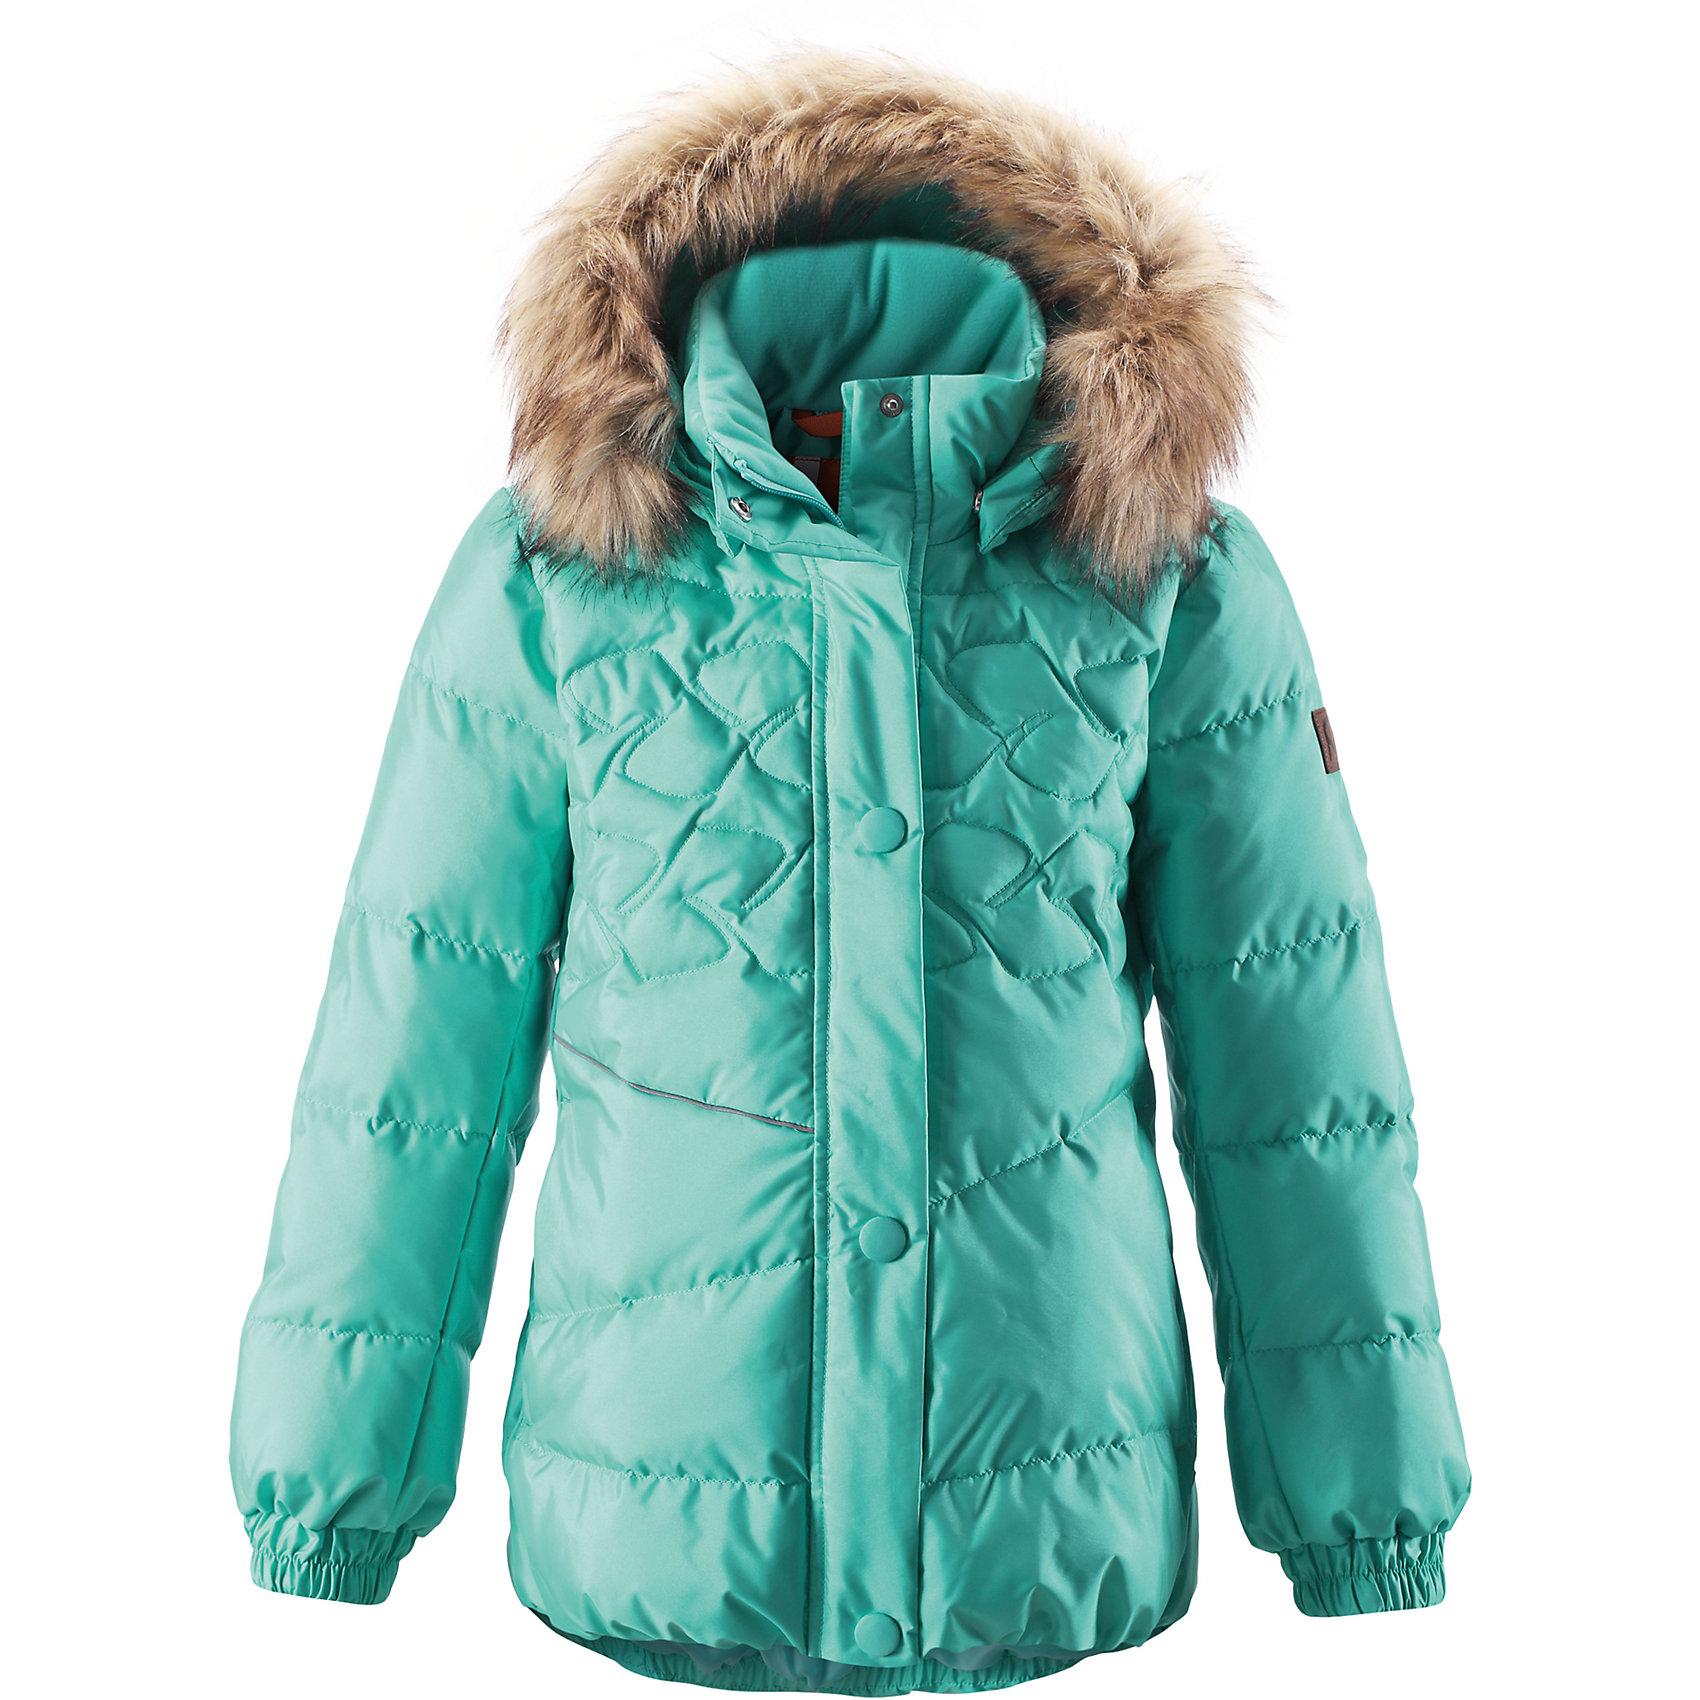 Пальто  для девочки ReimaЭтот красивый пуховик согреет детей на прогулке в холодные зимние дни! Модель для девочек пошита из ветронепроницаемого дышащего материала, который отталкивает воду и грязь, чтобы обеспечить тепло и комфорт в морозные зимние дни. Куртка с подкладкой из гладкого полиэстера легко надевается и удобно носится с тёплым промежуточным слоем. Спереди и сзади эта тёплая куртка украшена элегантной вышивкой. Сзади на талии имеется фиксированная утяжка. У этой удлинённой модели слегка пышный подол. Во время прогулки маленькие сокровища можно спрятать в два боковых кармана на молнии. Съёмный капюшон не только защищает от холодного ветра, но и безопасен. Если закреплённый кнопками капюшон зацепится за что-нибудь, он легко отстегнётся. Завершающий штрих - съёмная отделка из искусственного меха на капюшоне.<br><br> Водоотталкивающий пуховик для девочек-подростков<br> Безопасный съёмный капюшон с отстёгивающейся отделкой из искусственного меха<br> Эластичные манжеты<br> Боковые карманы на молниях<br><br>Состав:<br>55% ПА 45% ПЭ, ПУ-покрытие<br>Высокая степень утепления (до - 30)<br>Утеплитель: пух 60/40<br><br>Куртку Reima (Рейма) можно купить в нашем магазине.<br><br>Ширина мм: 356<br>Глубина мм: 10<br>Высота мм: 245<br>Вес г: 519<br>Цвет: голубой<br>Возраст от месяцев: 36<br>Возраст до месяцев: 48<br>Пол: Женский<br>Возраст: Детский<br>Размер: 104,128,122,116,110,164,158,152,140,146,134<br>SKU: 4414165